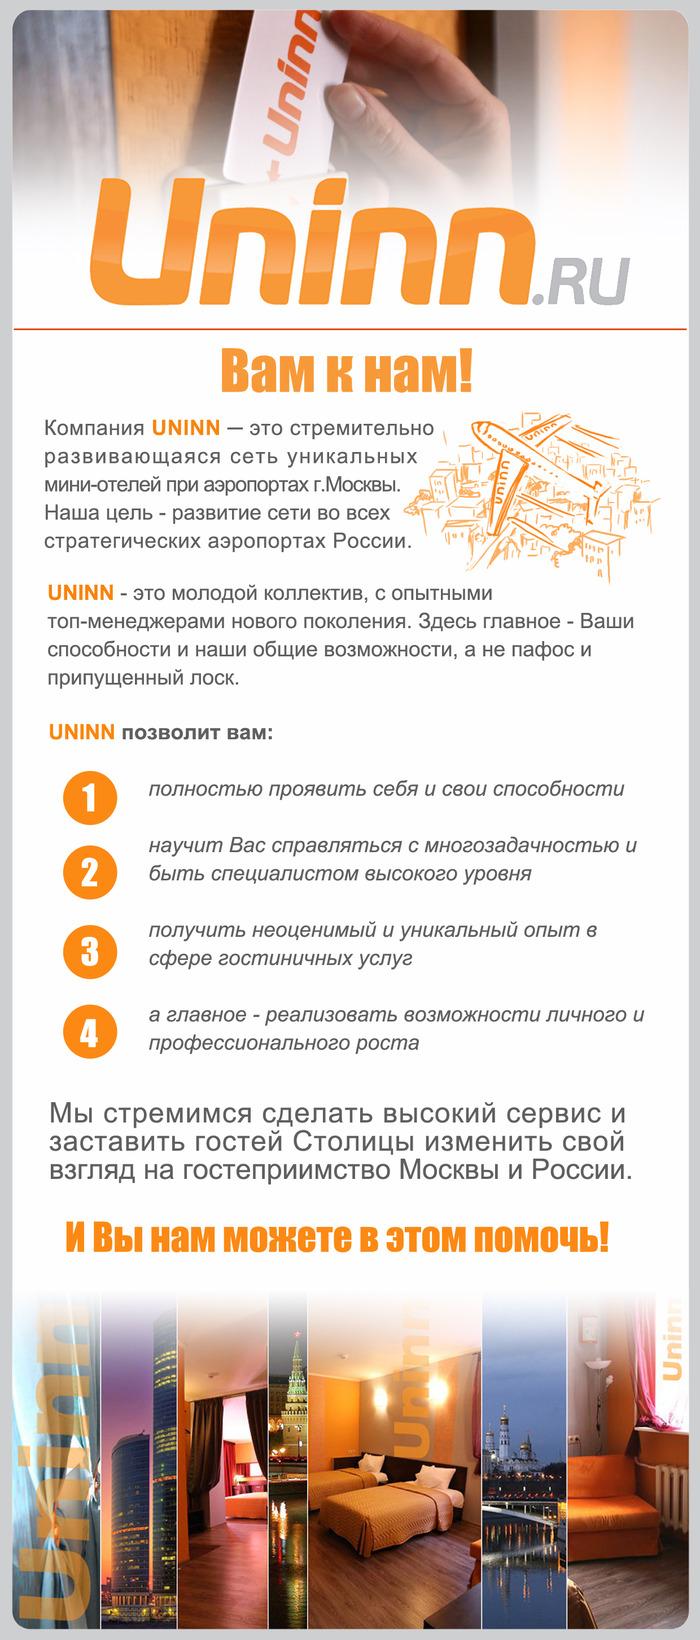 Работа в москве роснефть